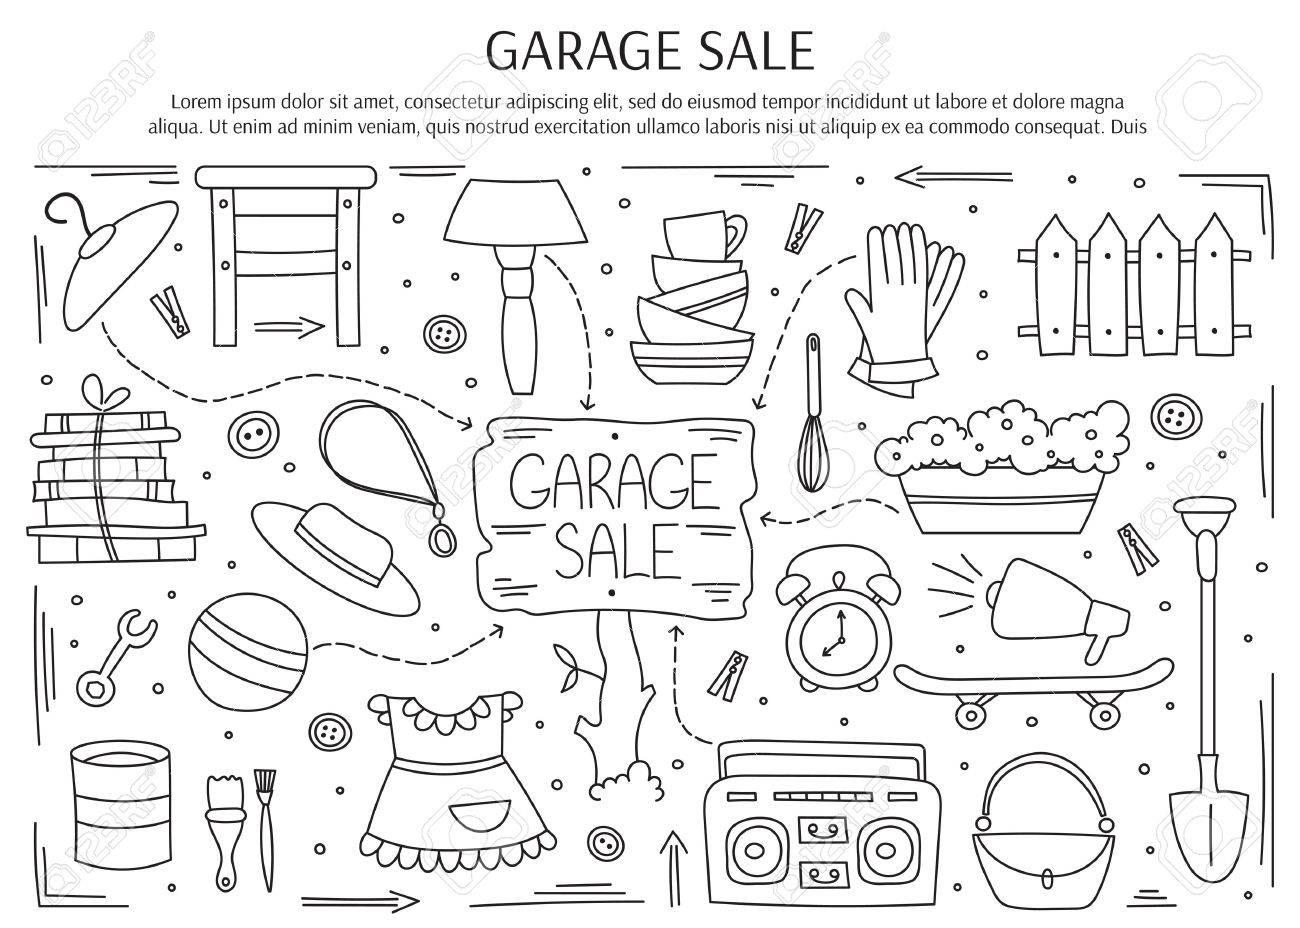 Garage Verkauf, Haushalt Gebrauchten Waren. Hand Schwarz Auf Weiß ...